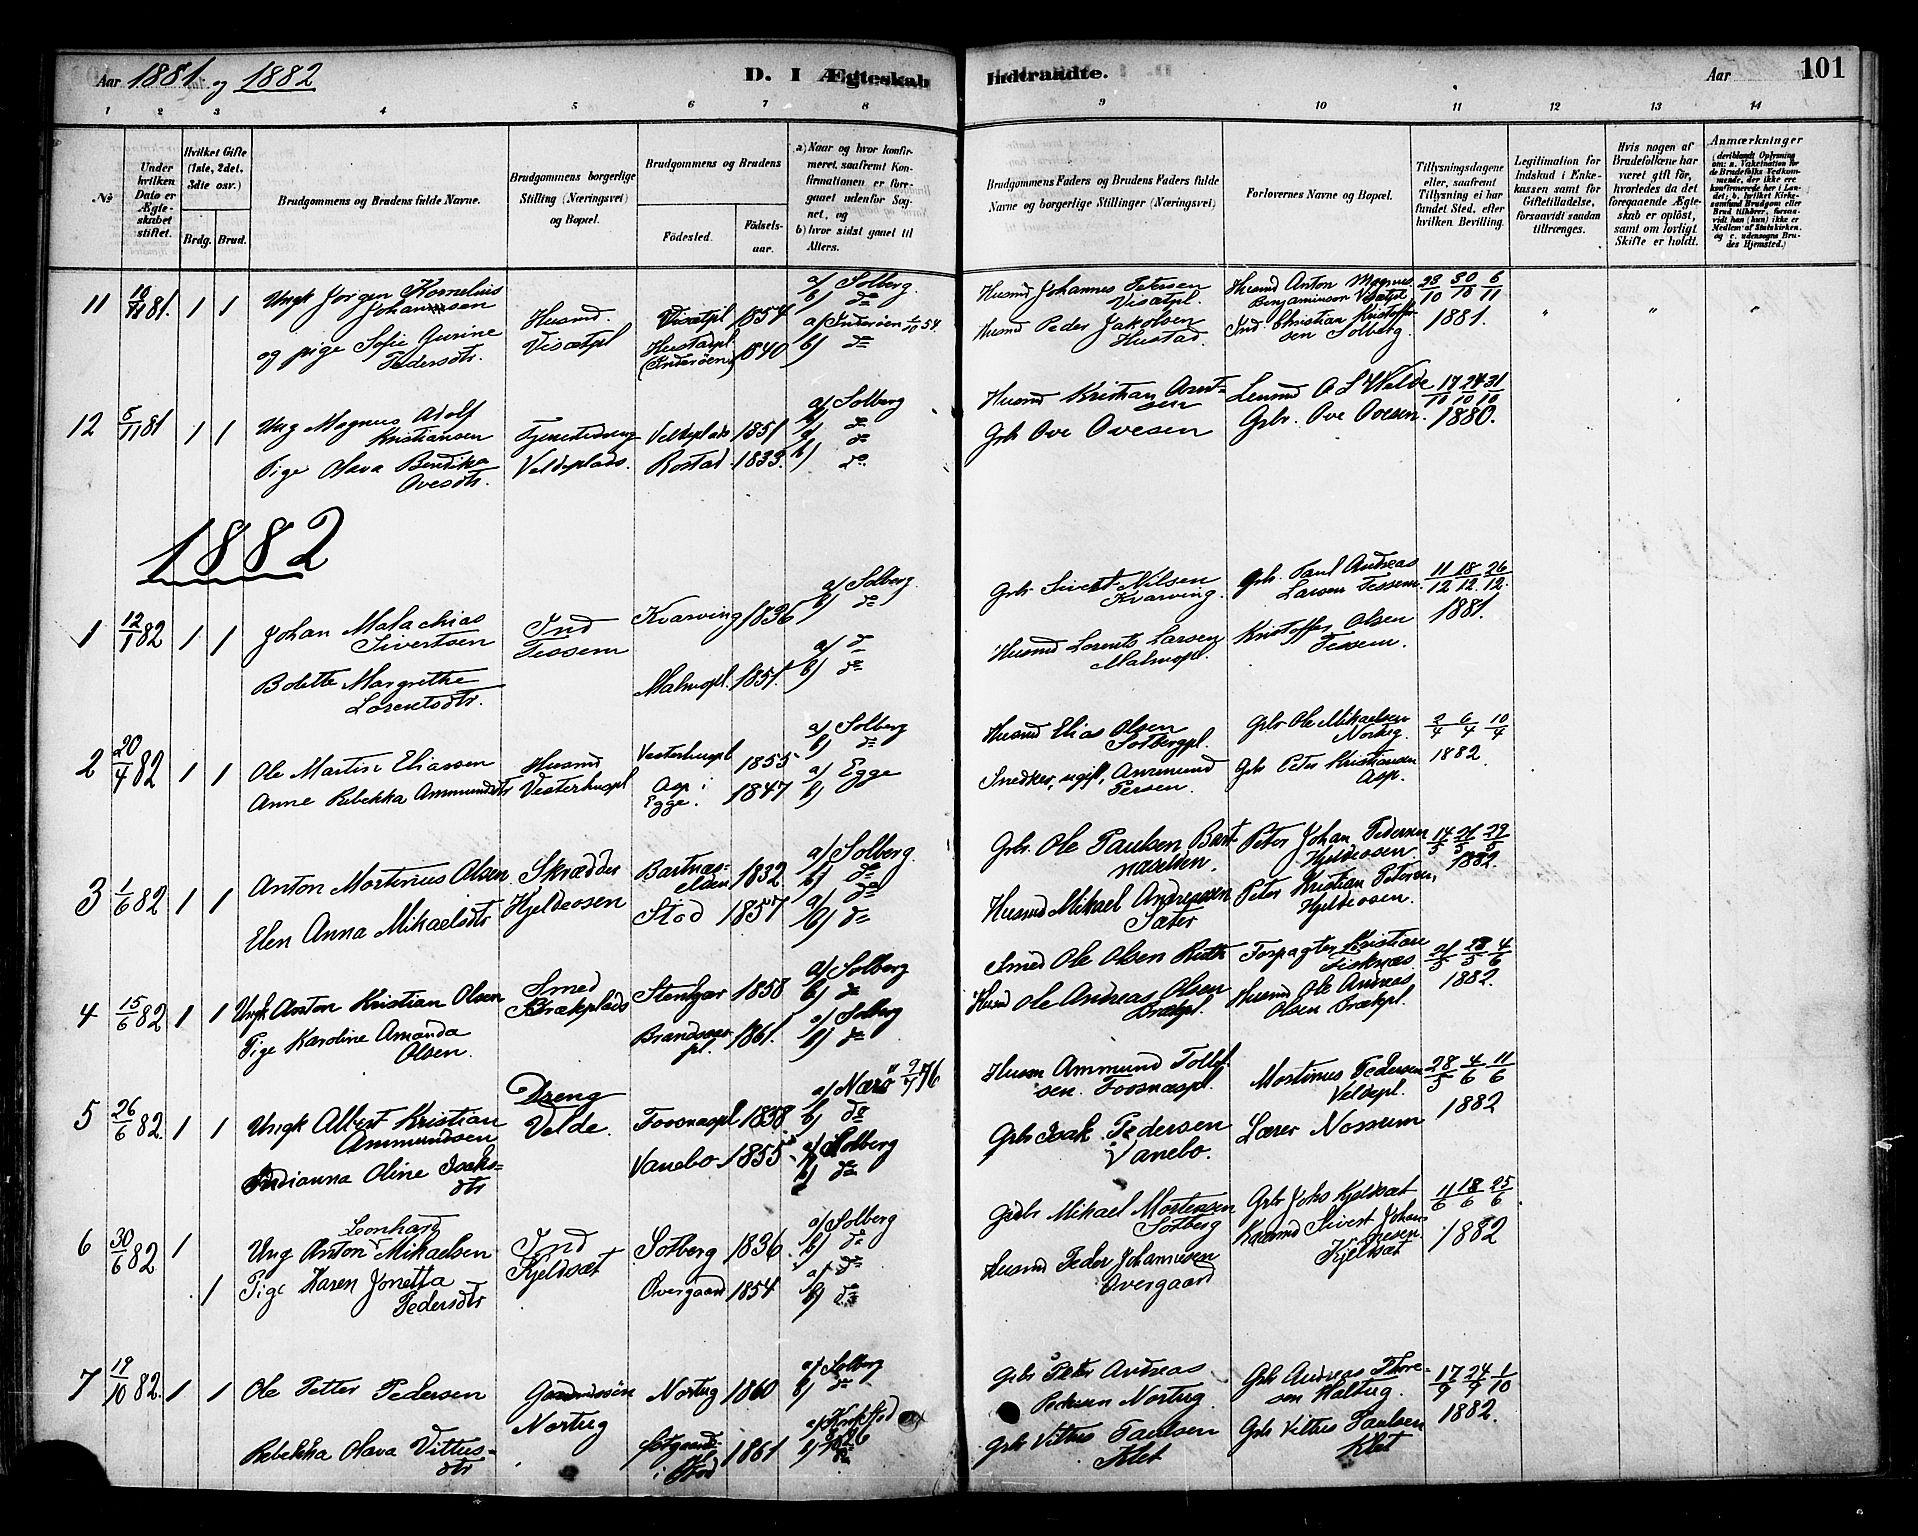 SAT, Ministerialprotokoller, klokkerbøker og fødselsregistre - Nord-Trøndelag, 741/L0395: Ministerialbok nr. 741A09, 1878-1888, s. 101